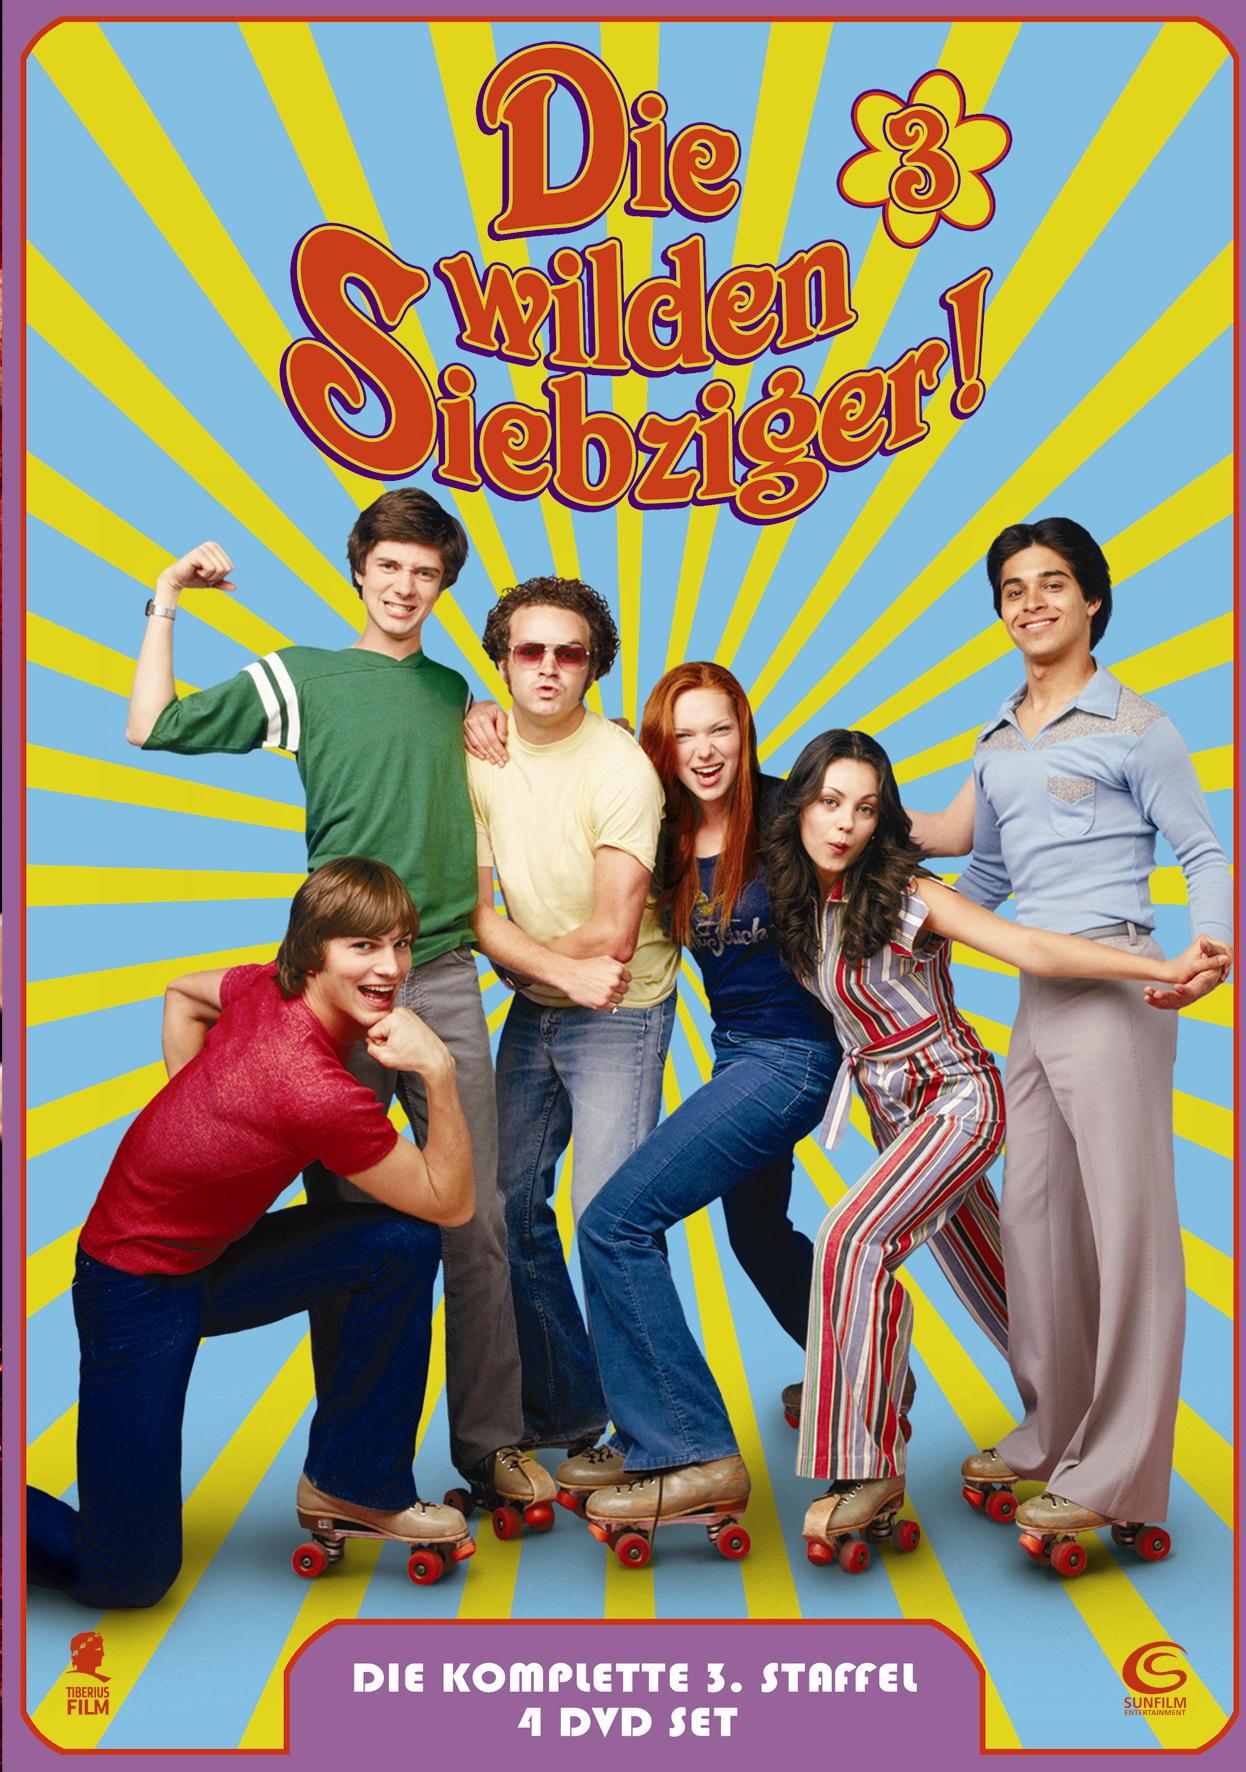 Die wilden Siebziger - Die komplette 3. Staffel (5 DVDs) Poster